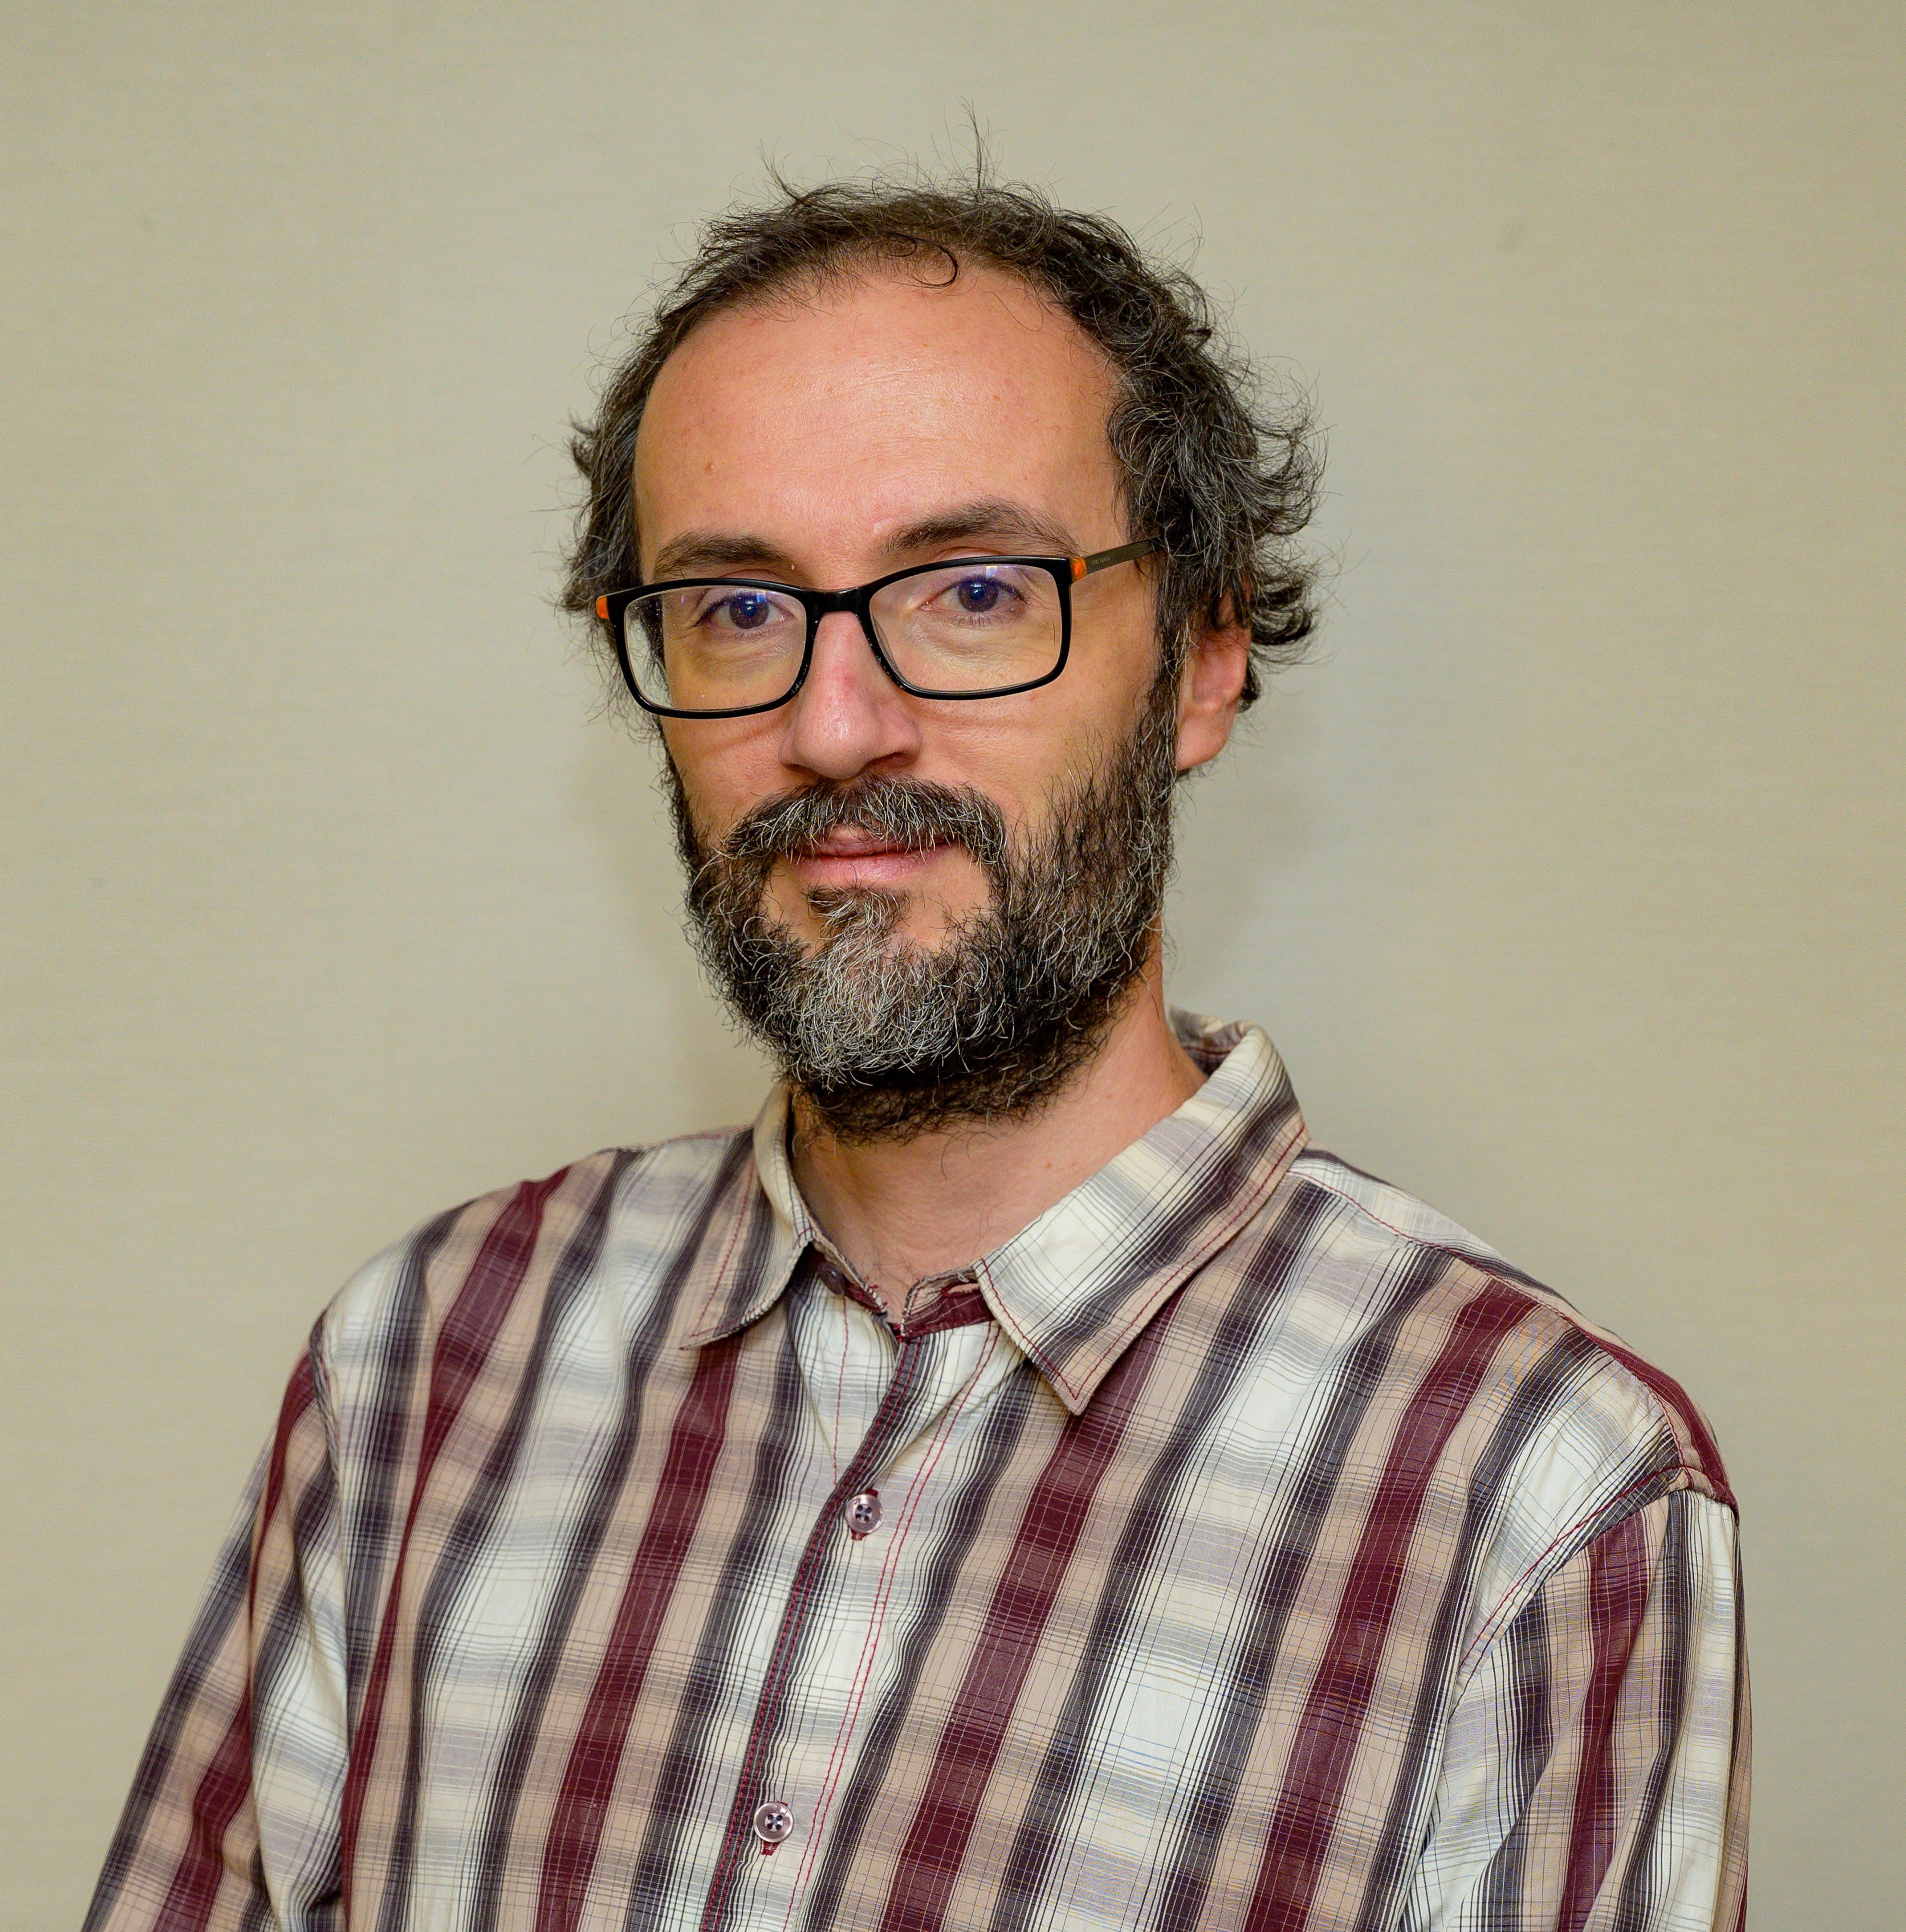 Krisztian Pifko